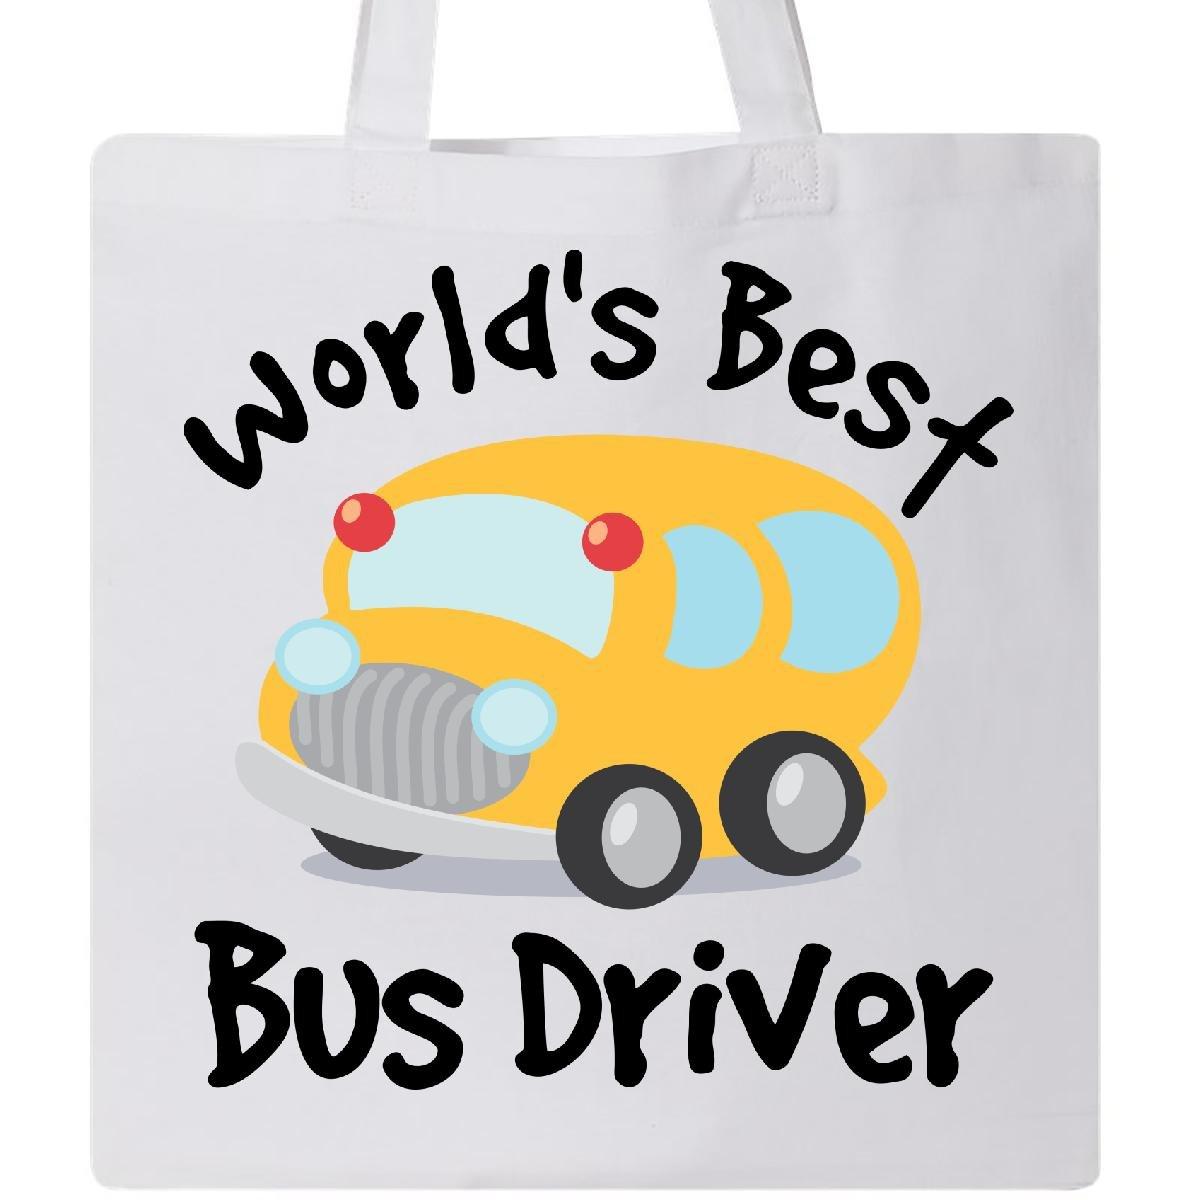 【予約販売】本 Inktastic Worlds Best School Bus ホワイト Driverトートバッグ School One One Size B0718VKW2G ホワイト ホワイト, ガーデニングライフ:ad2adaf5 --- 4x4.lt